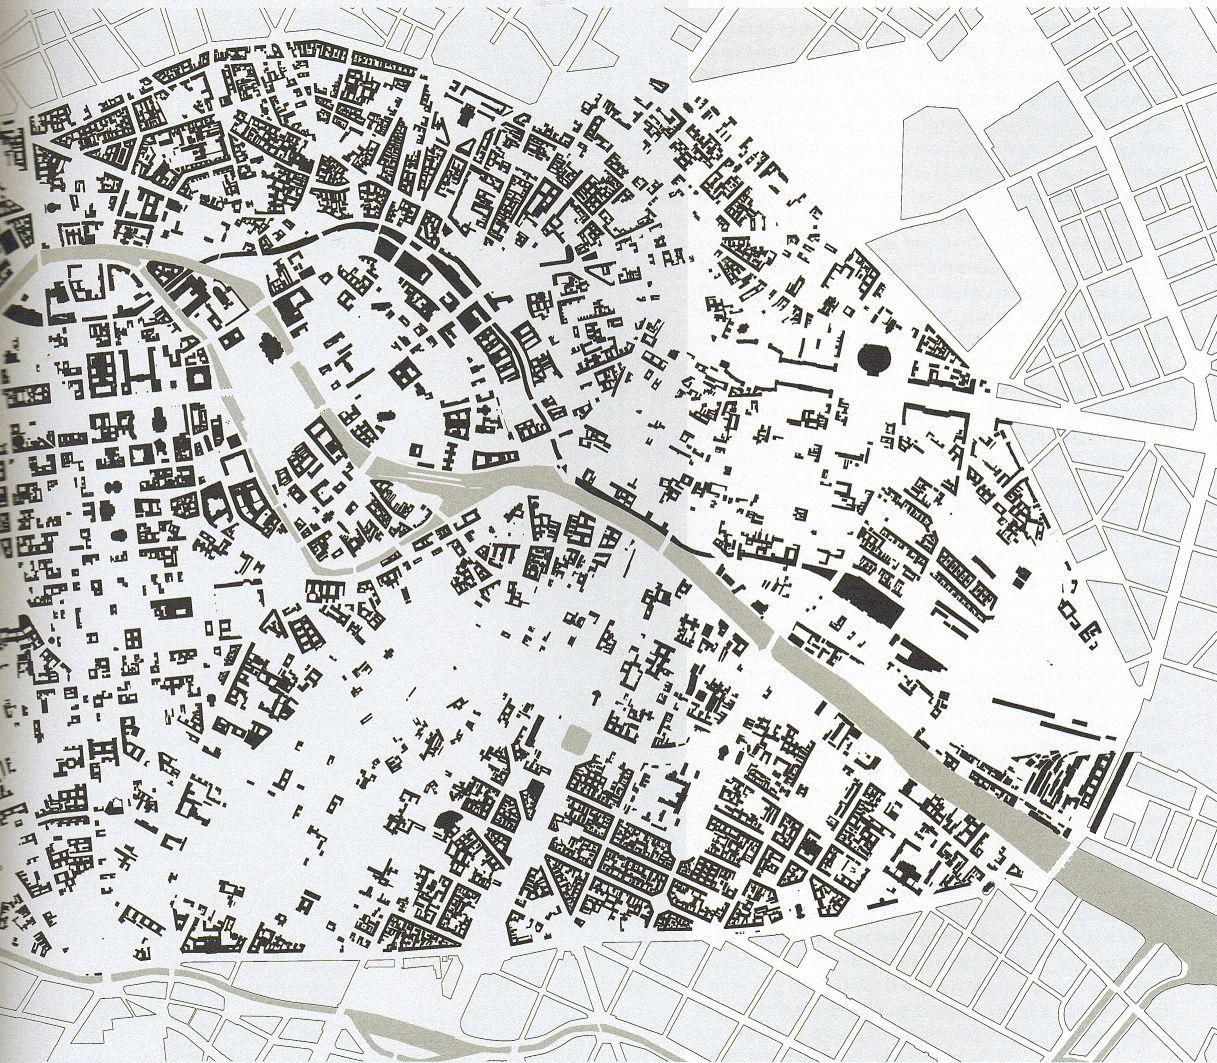 Berlin Mitte Karte.Karte Des Bezirks Mitte In Berlin Im Jahr 1953 Viele Straßen Mirt